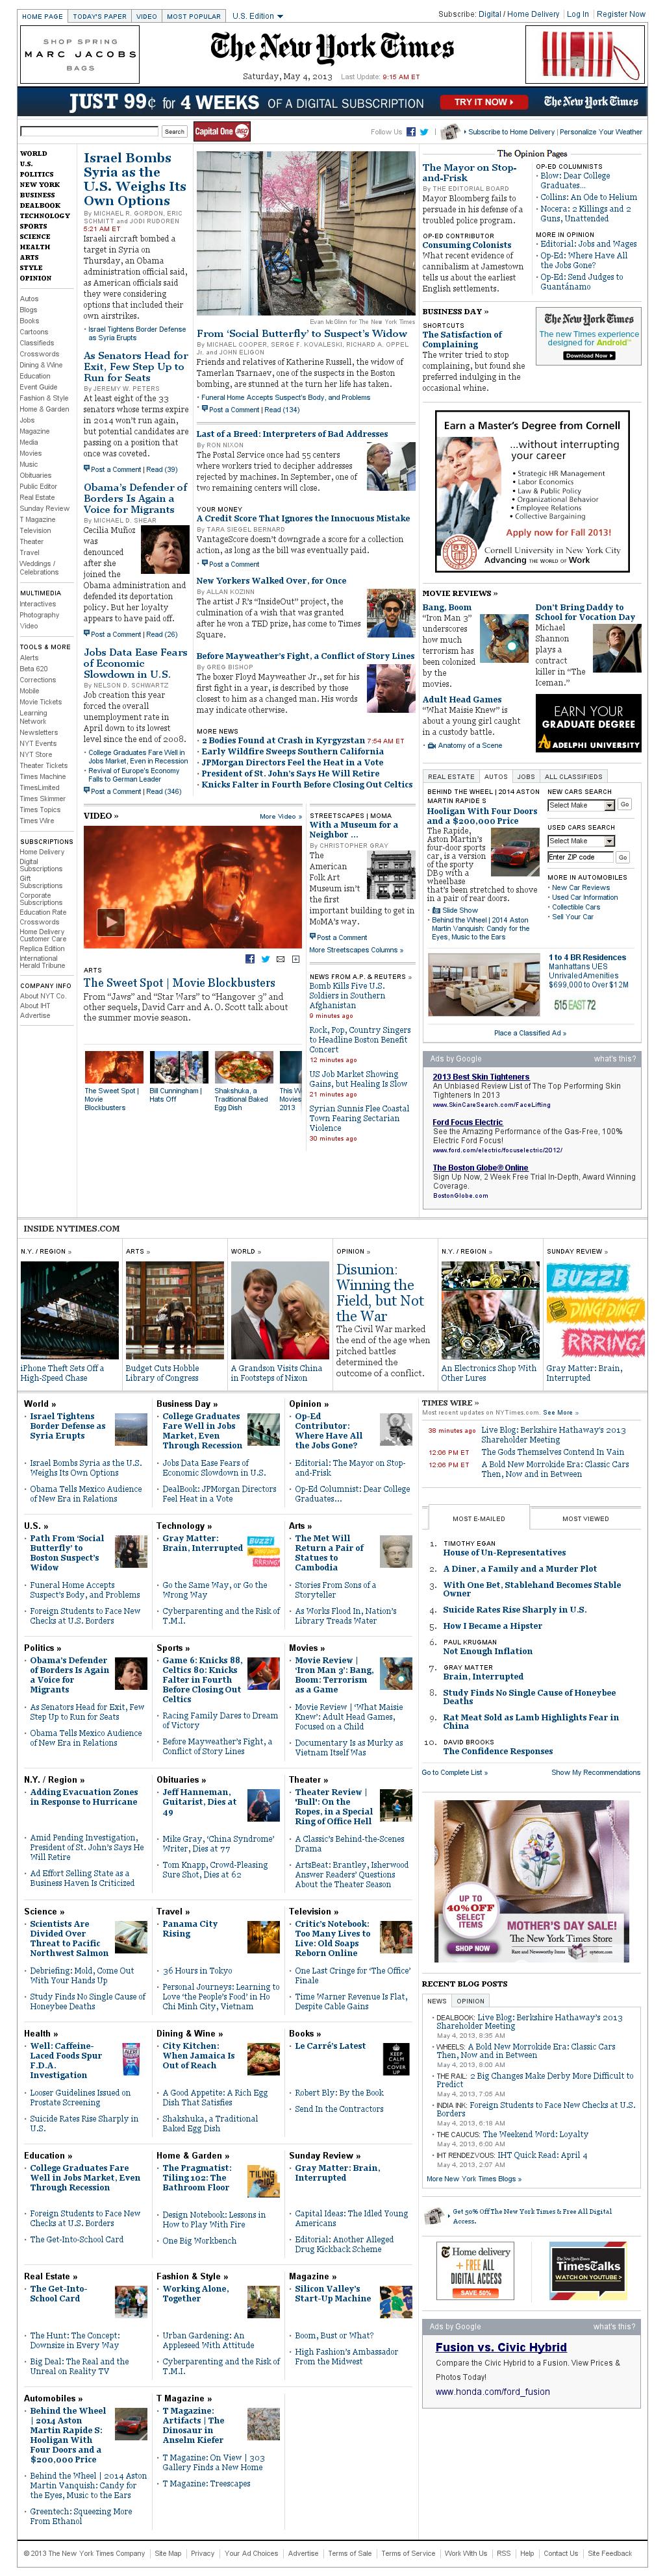 The New York Times at Saturday May 4, 2013, 1:20 p.m. UTC